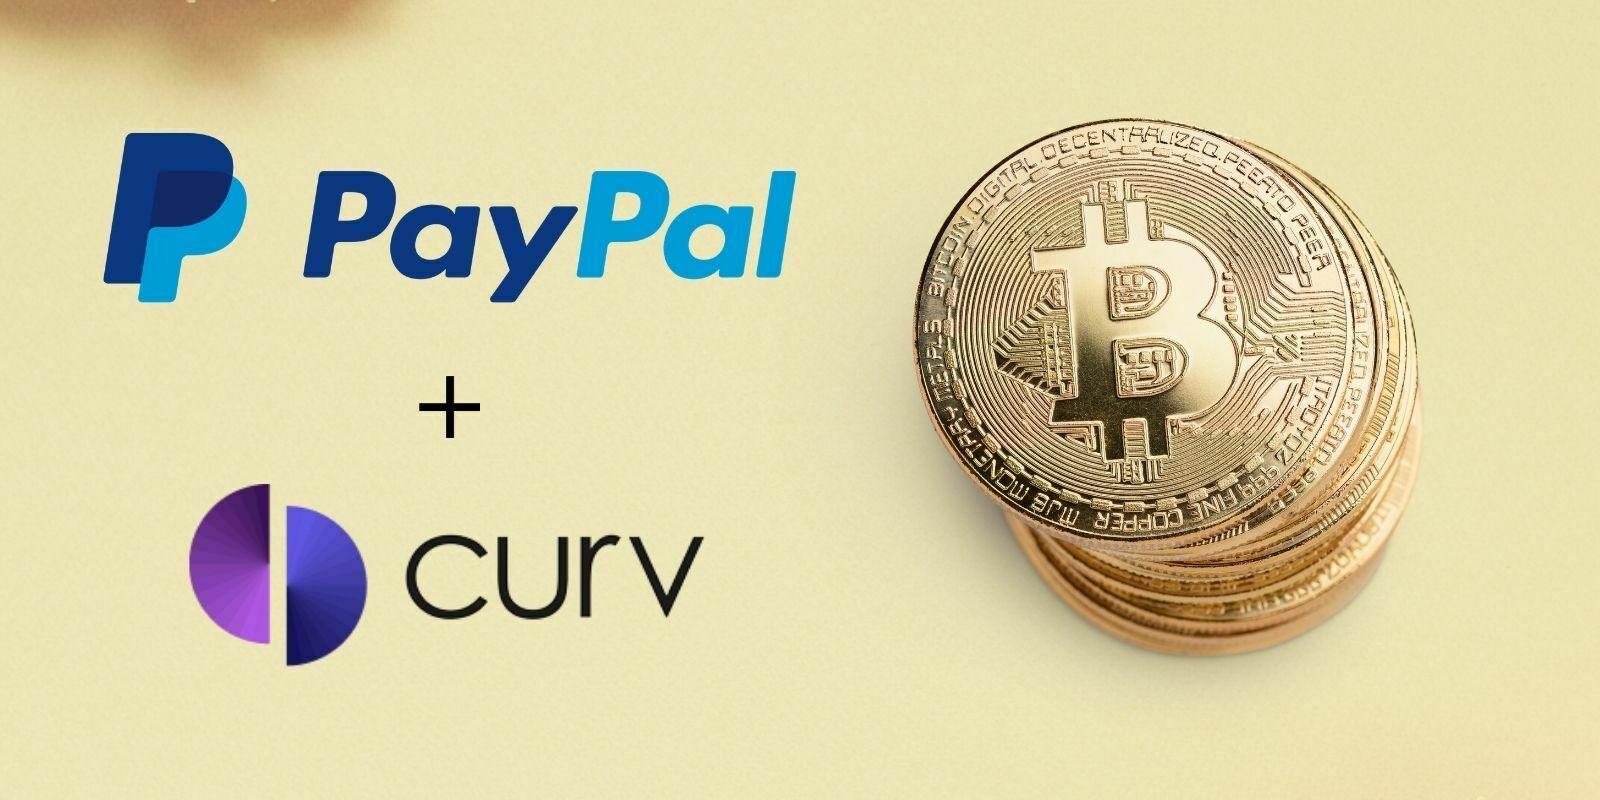 PayPal serait sur le point d'acquérir Curv, un service de garde pour cryptomonnaies